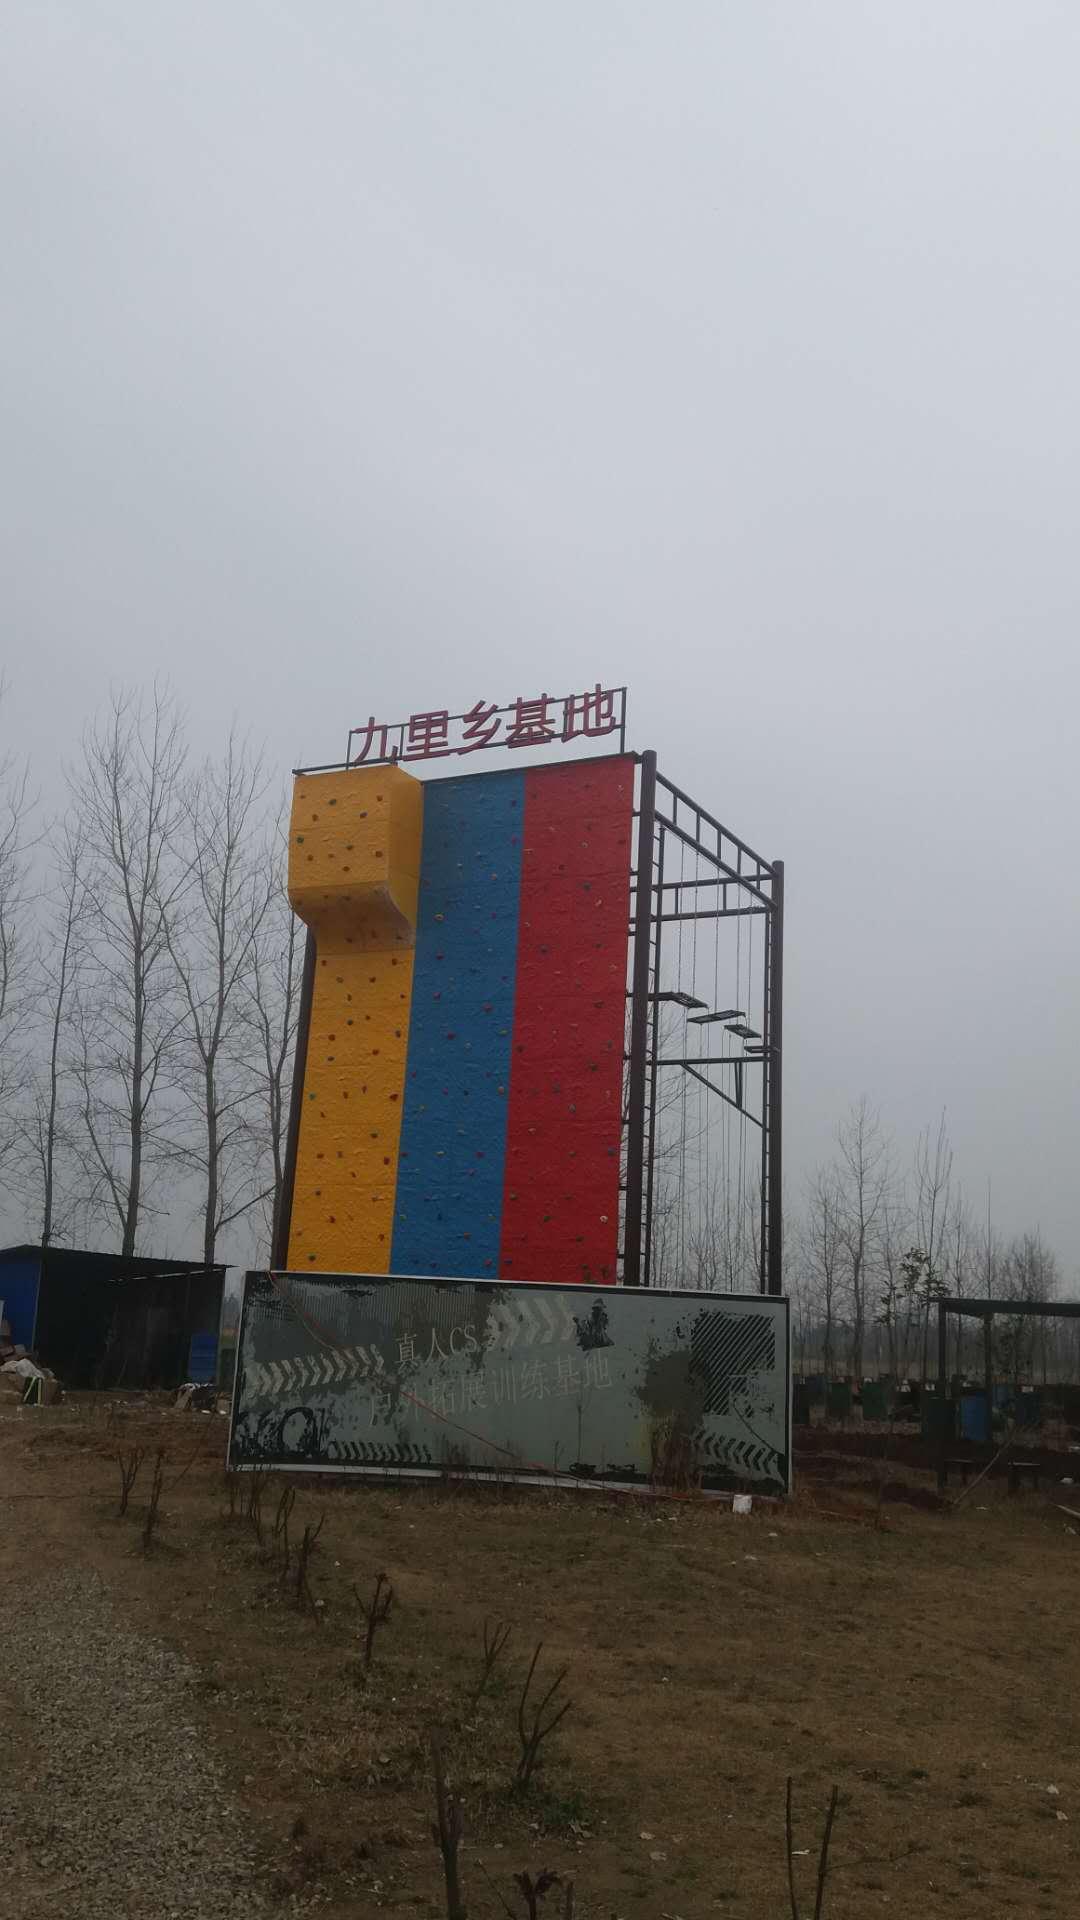 荆州九里乡素质拓展基地完工